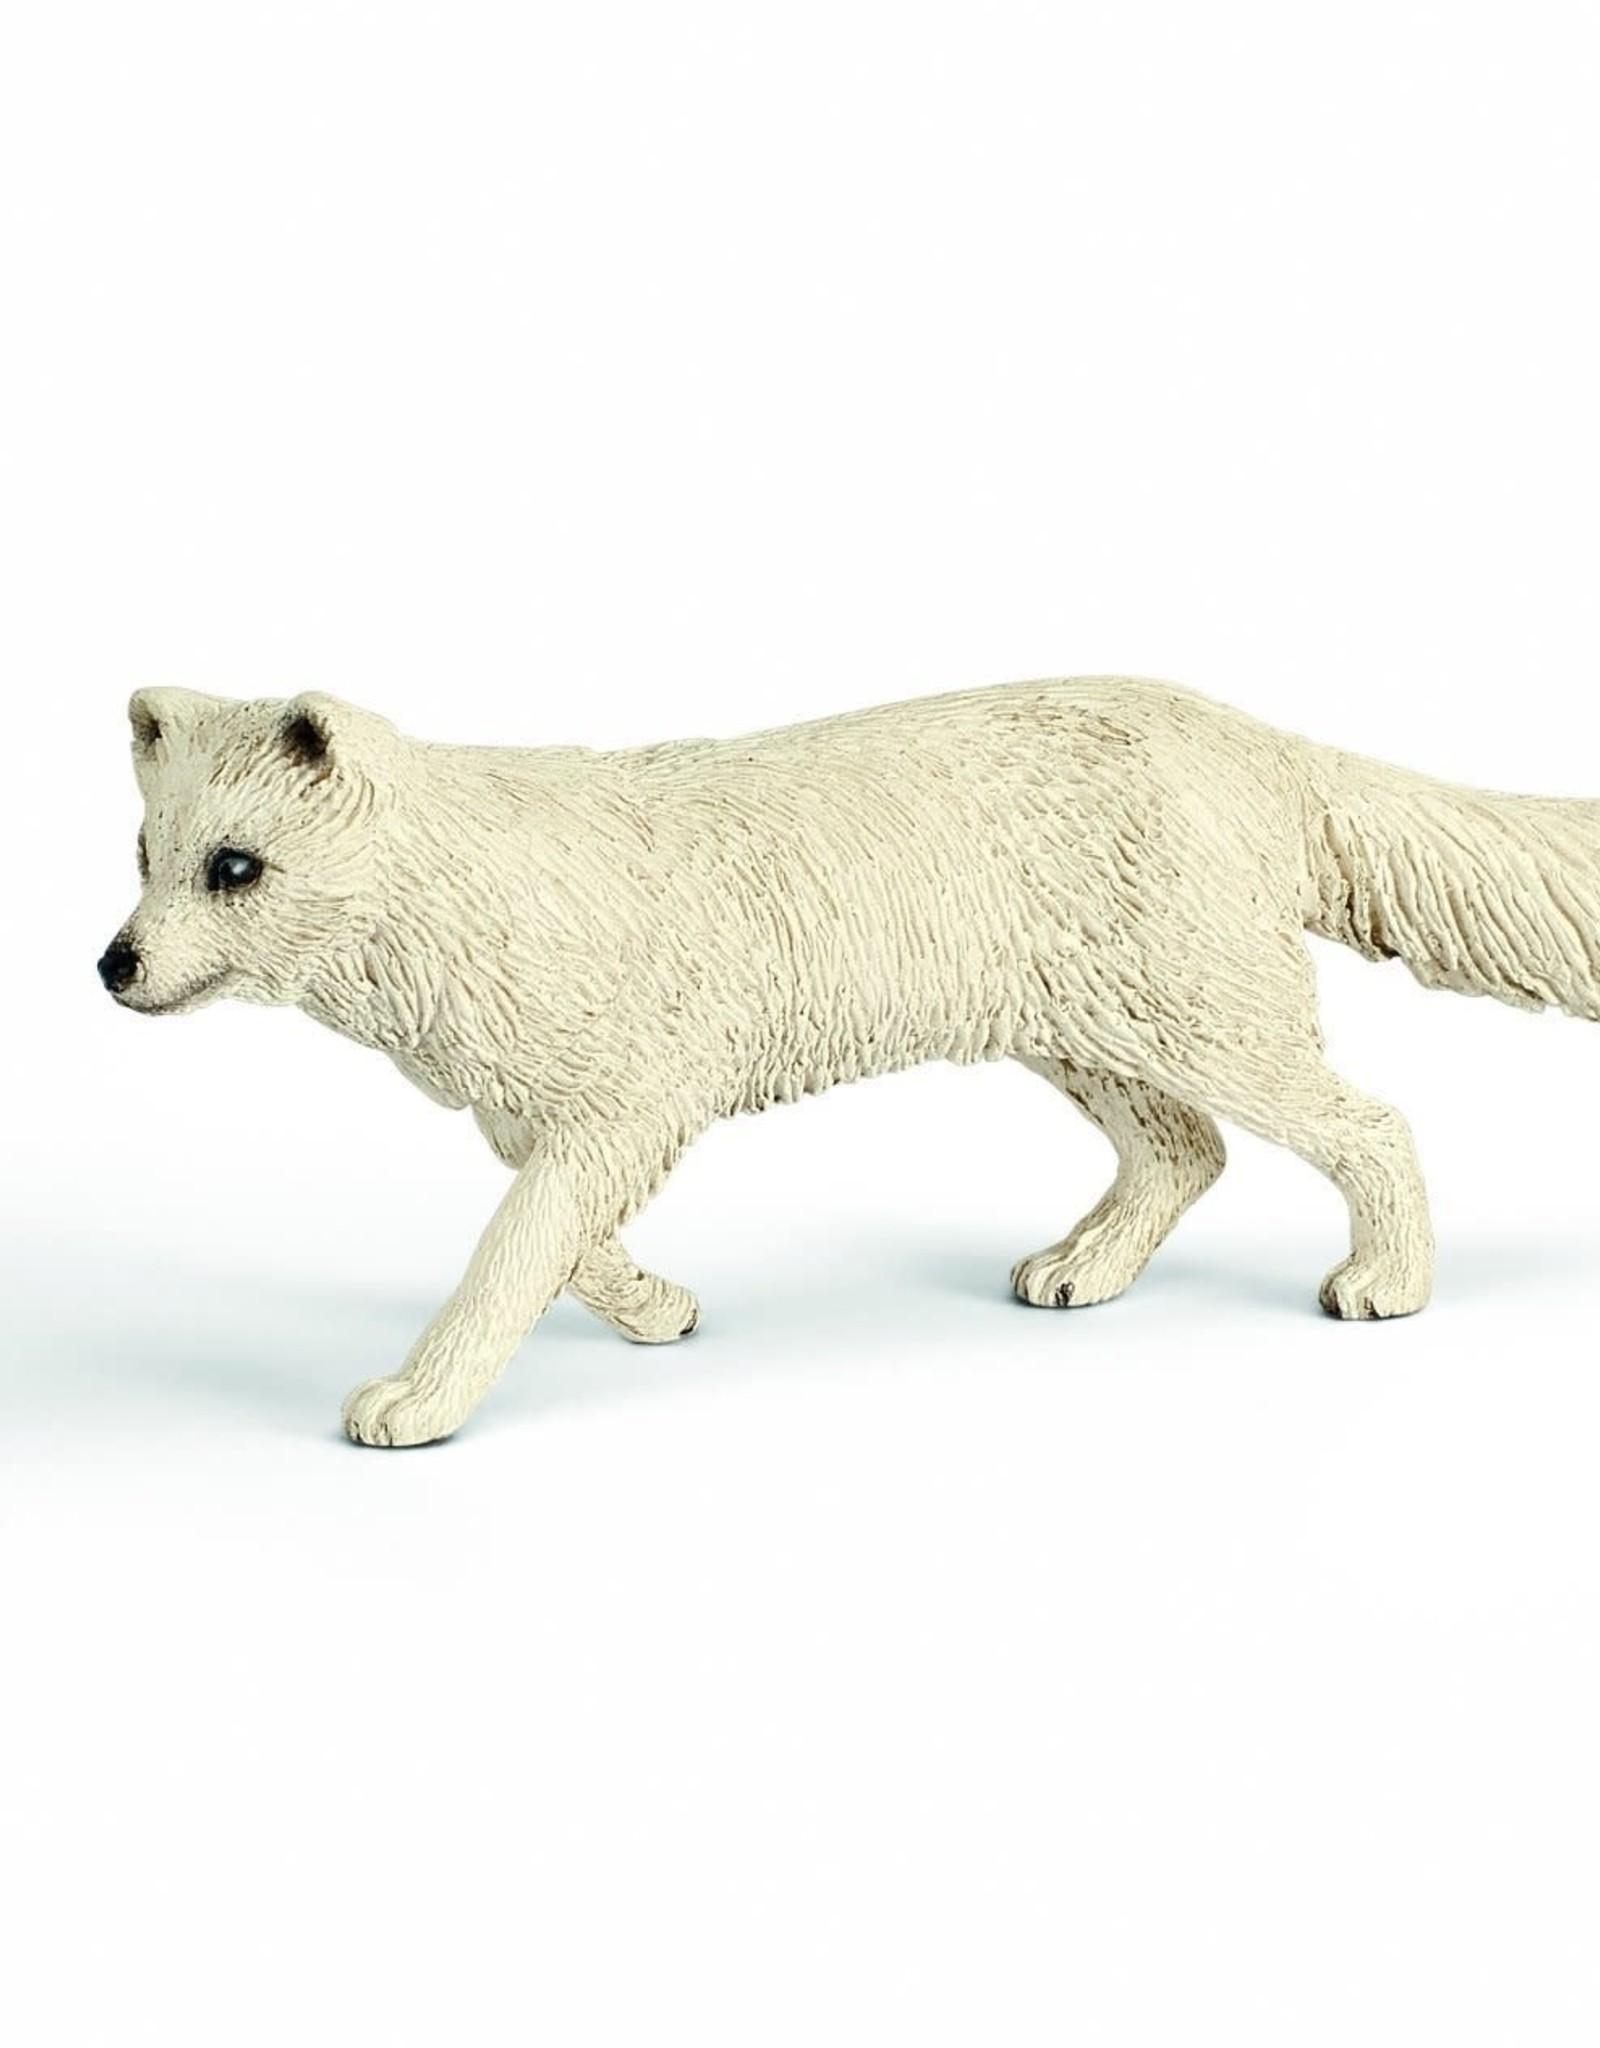 Schleich Schleich Wild Life - Arctic Fox